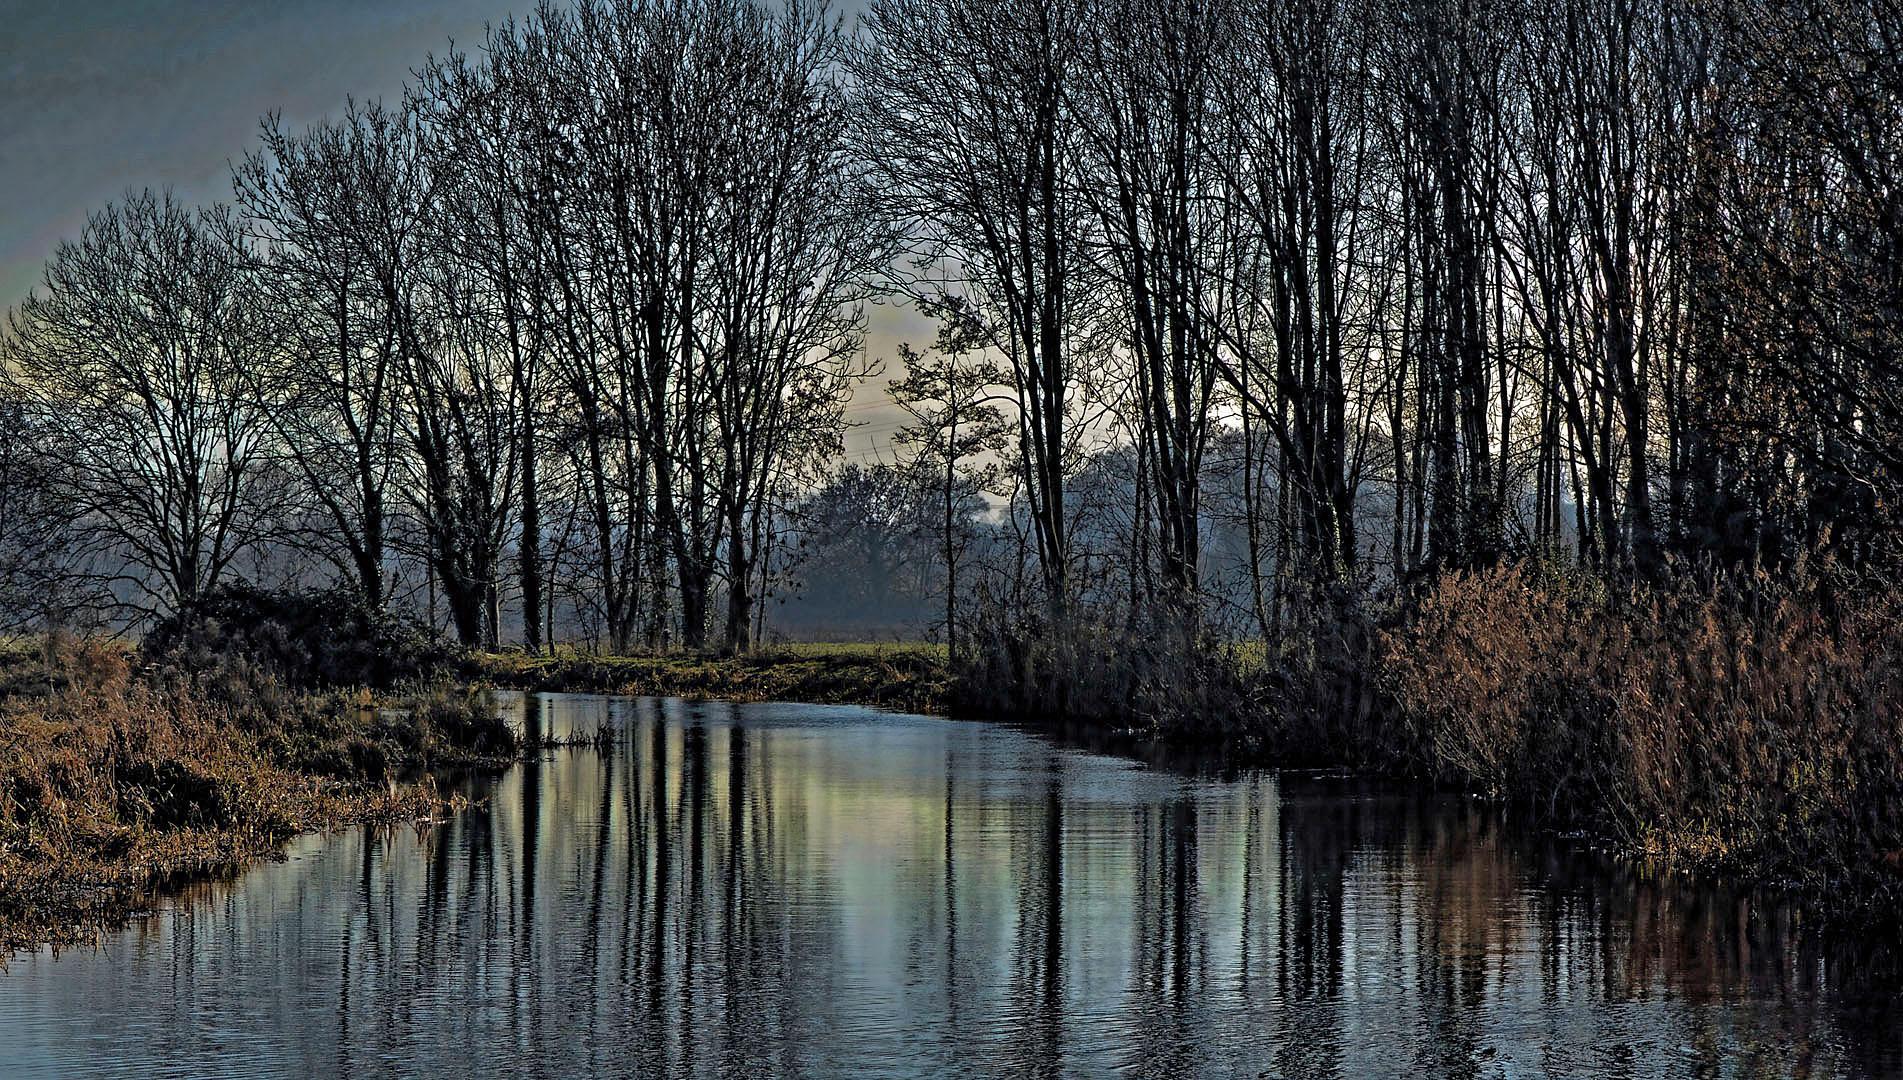 RIVER FROME AT WHITMINSTER - Christine Ryske